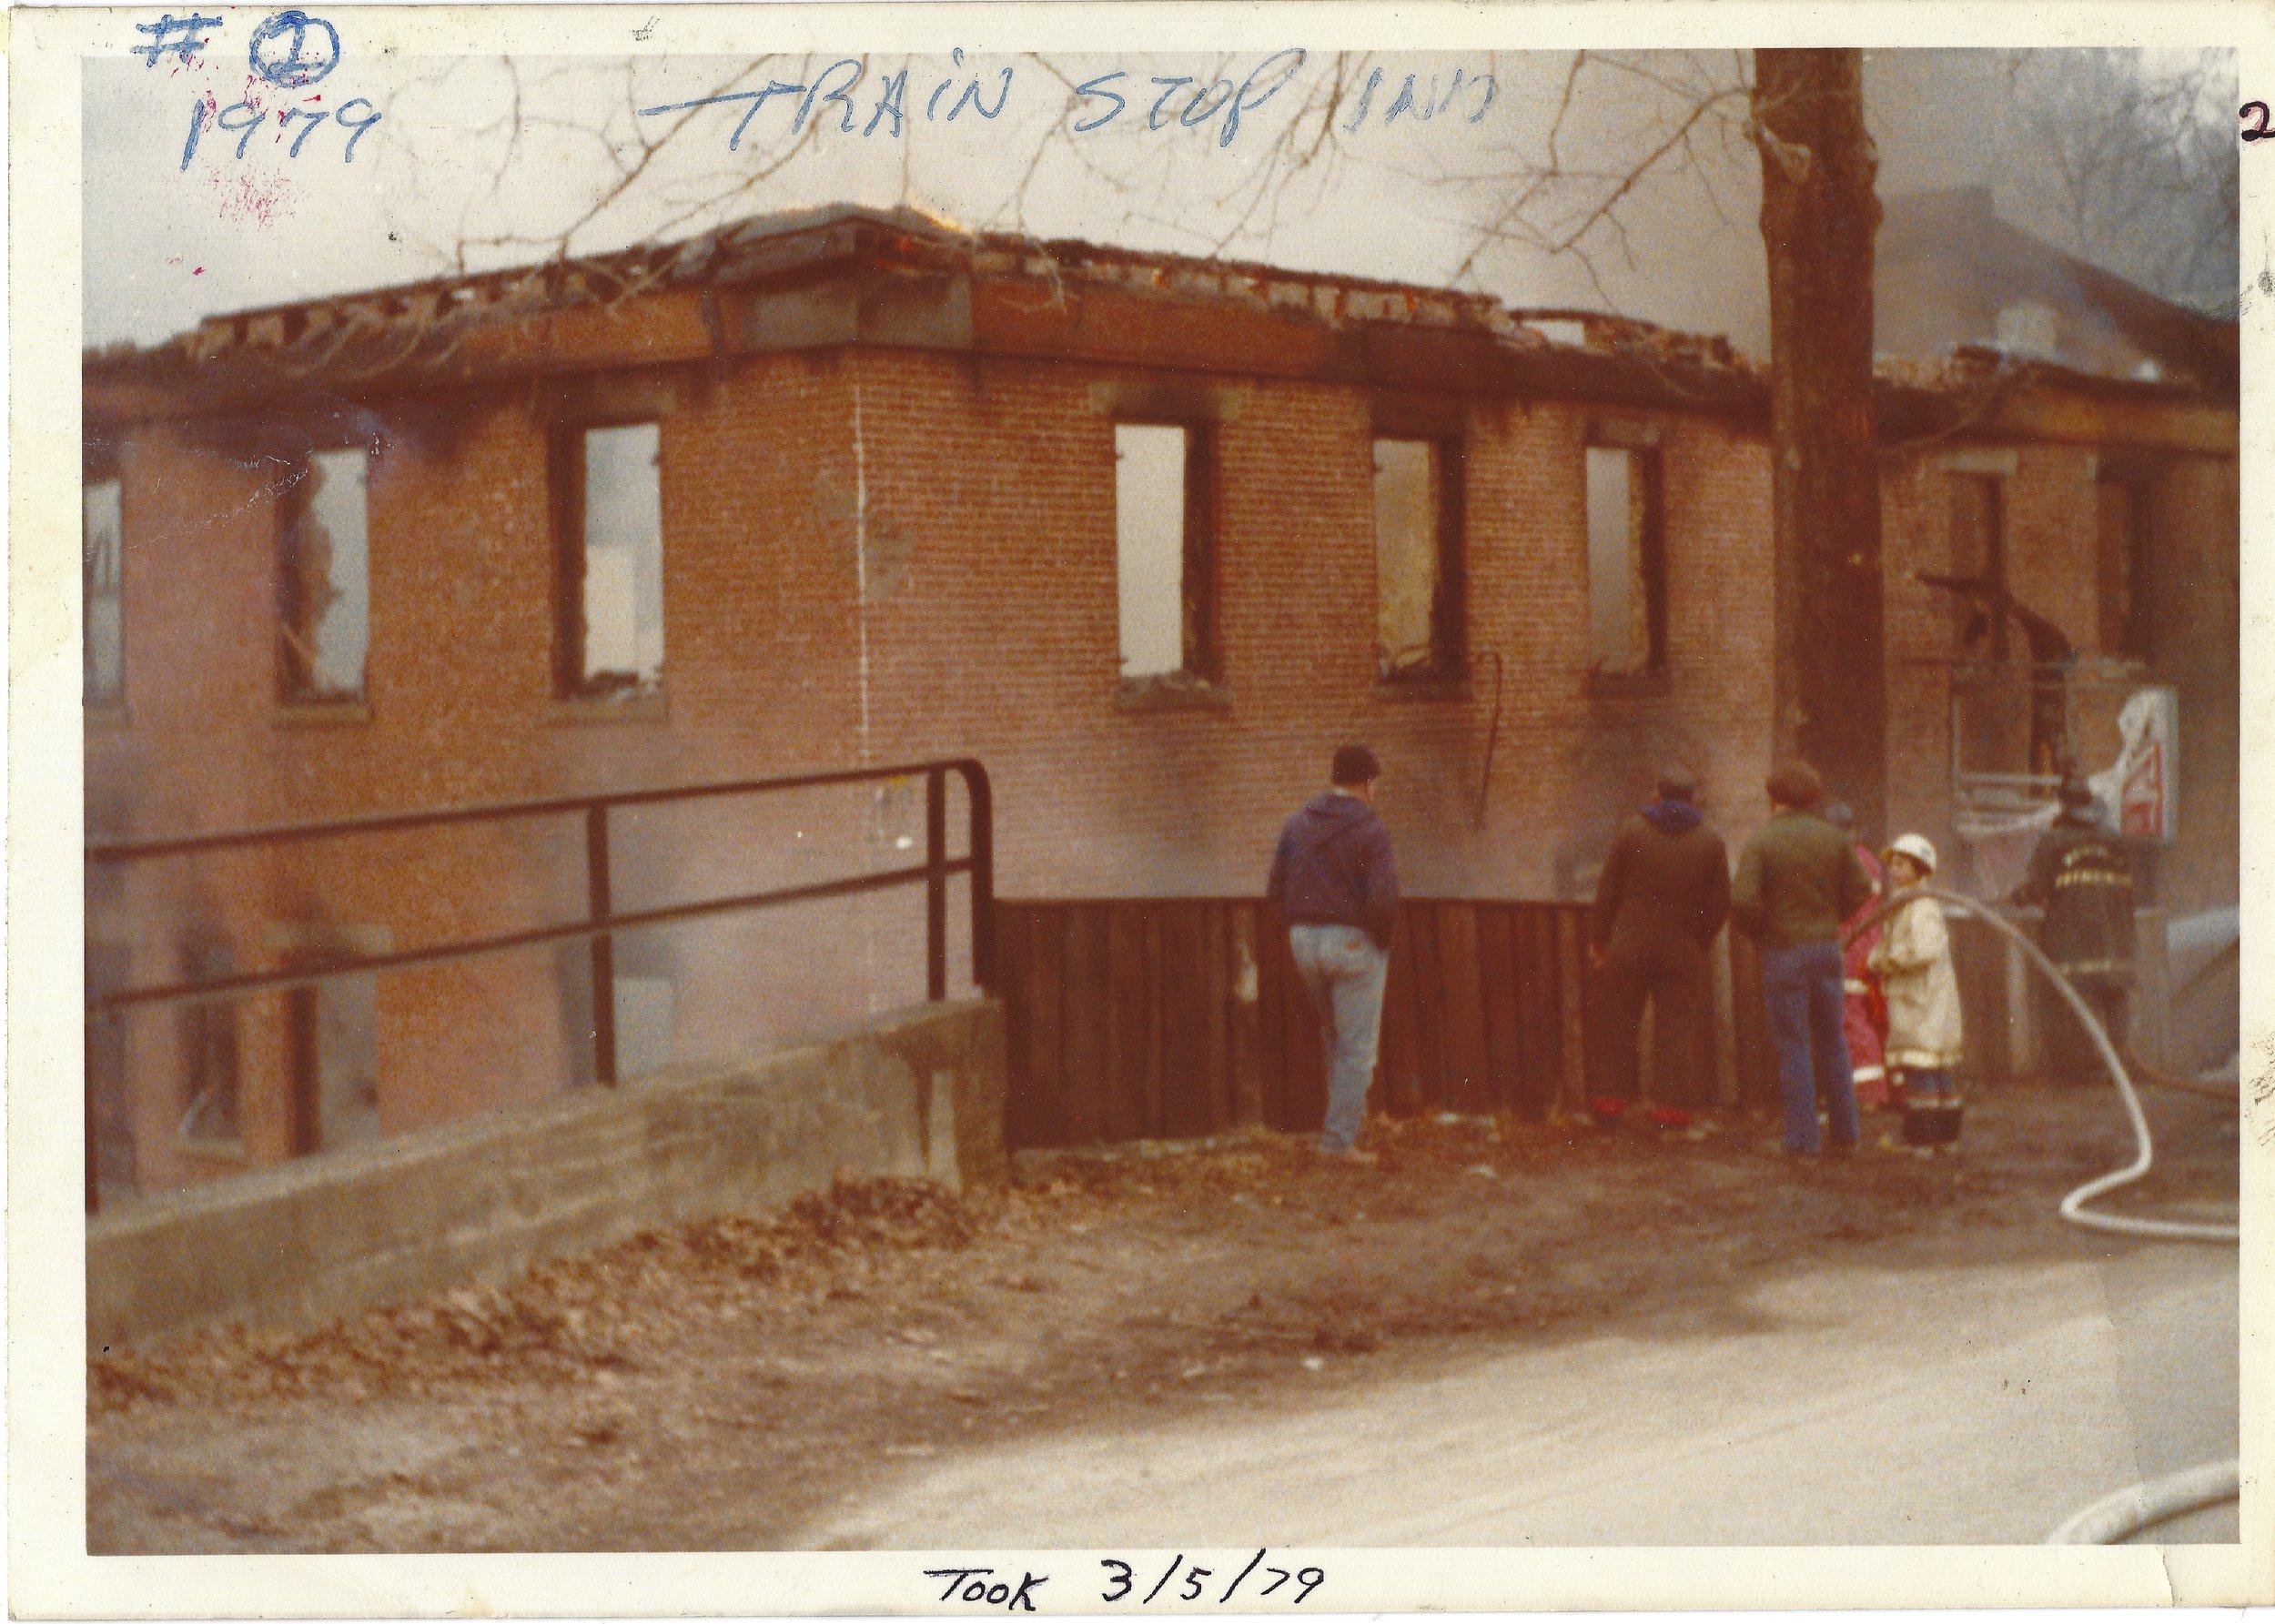 1979 Fire 2.jpeg